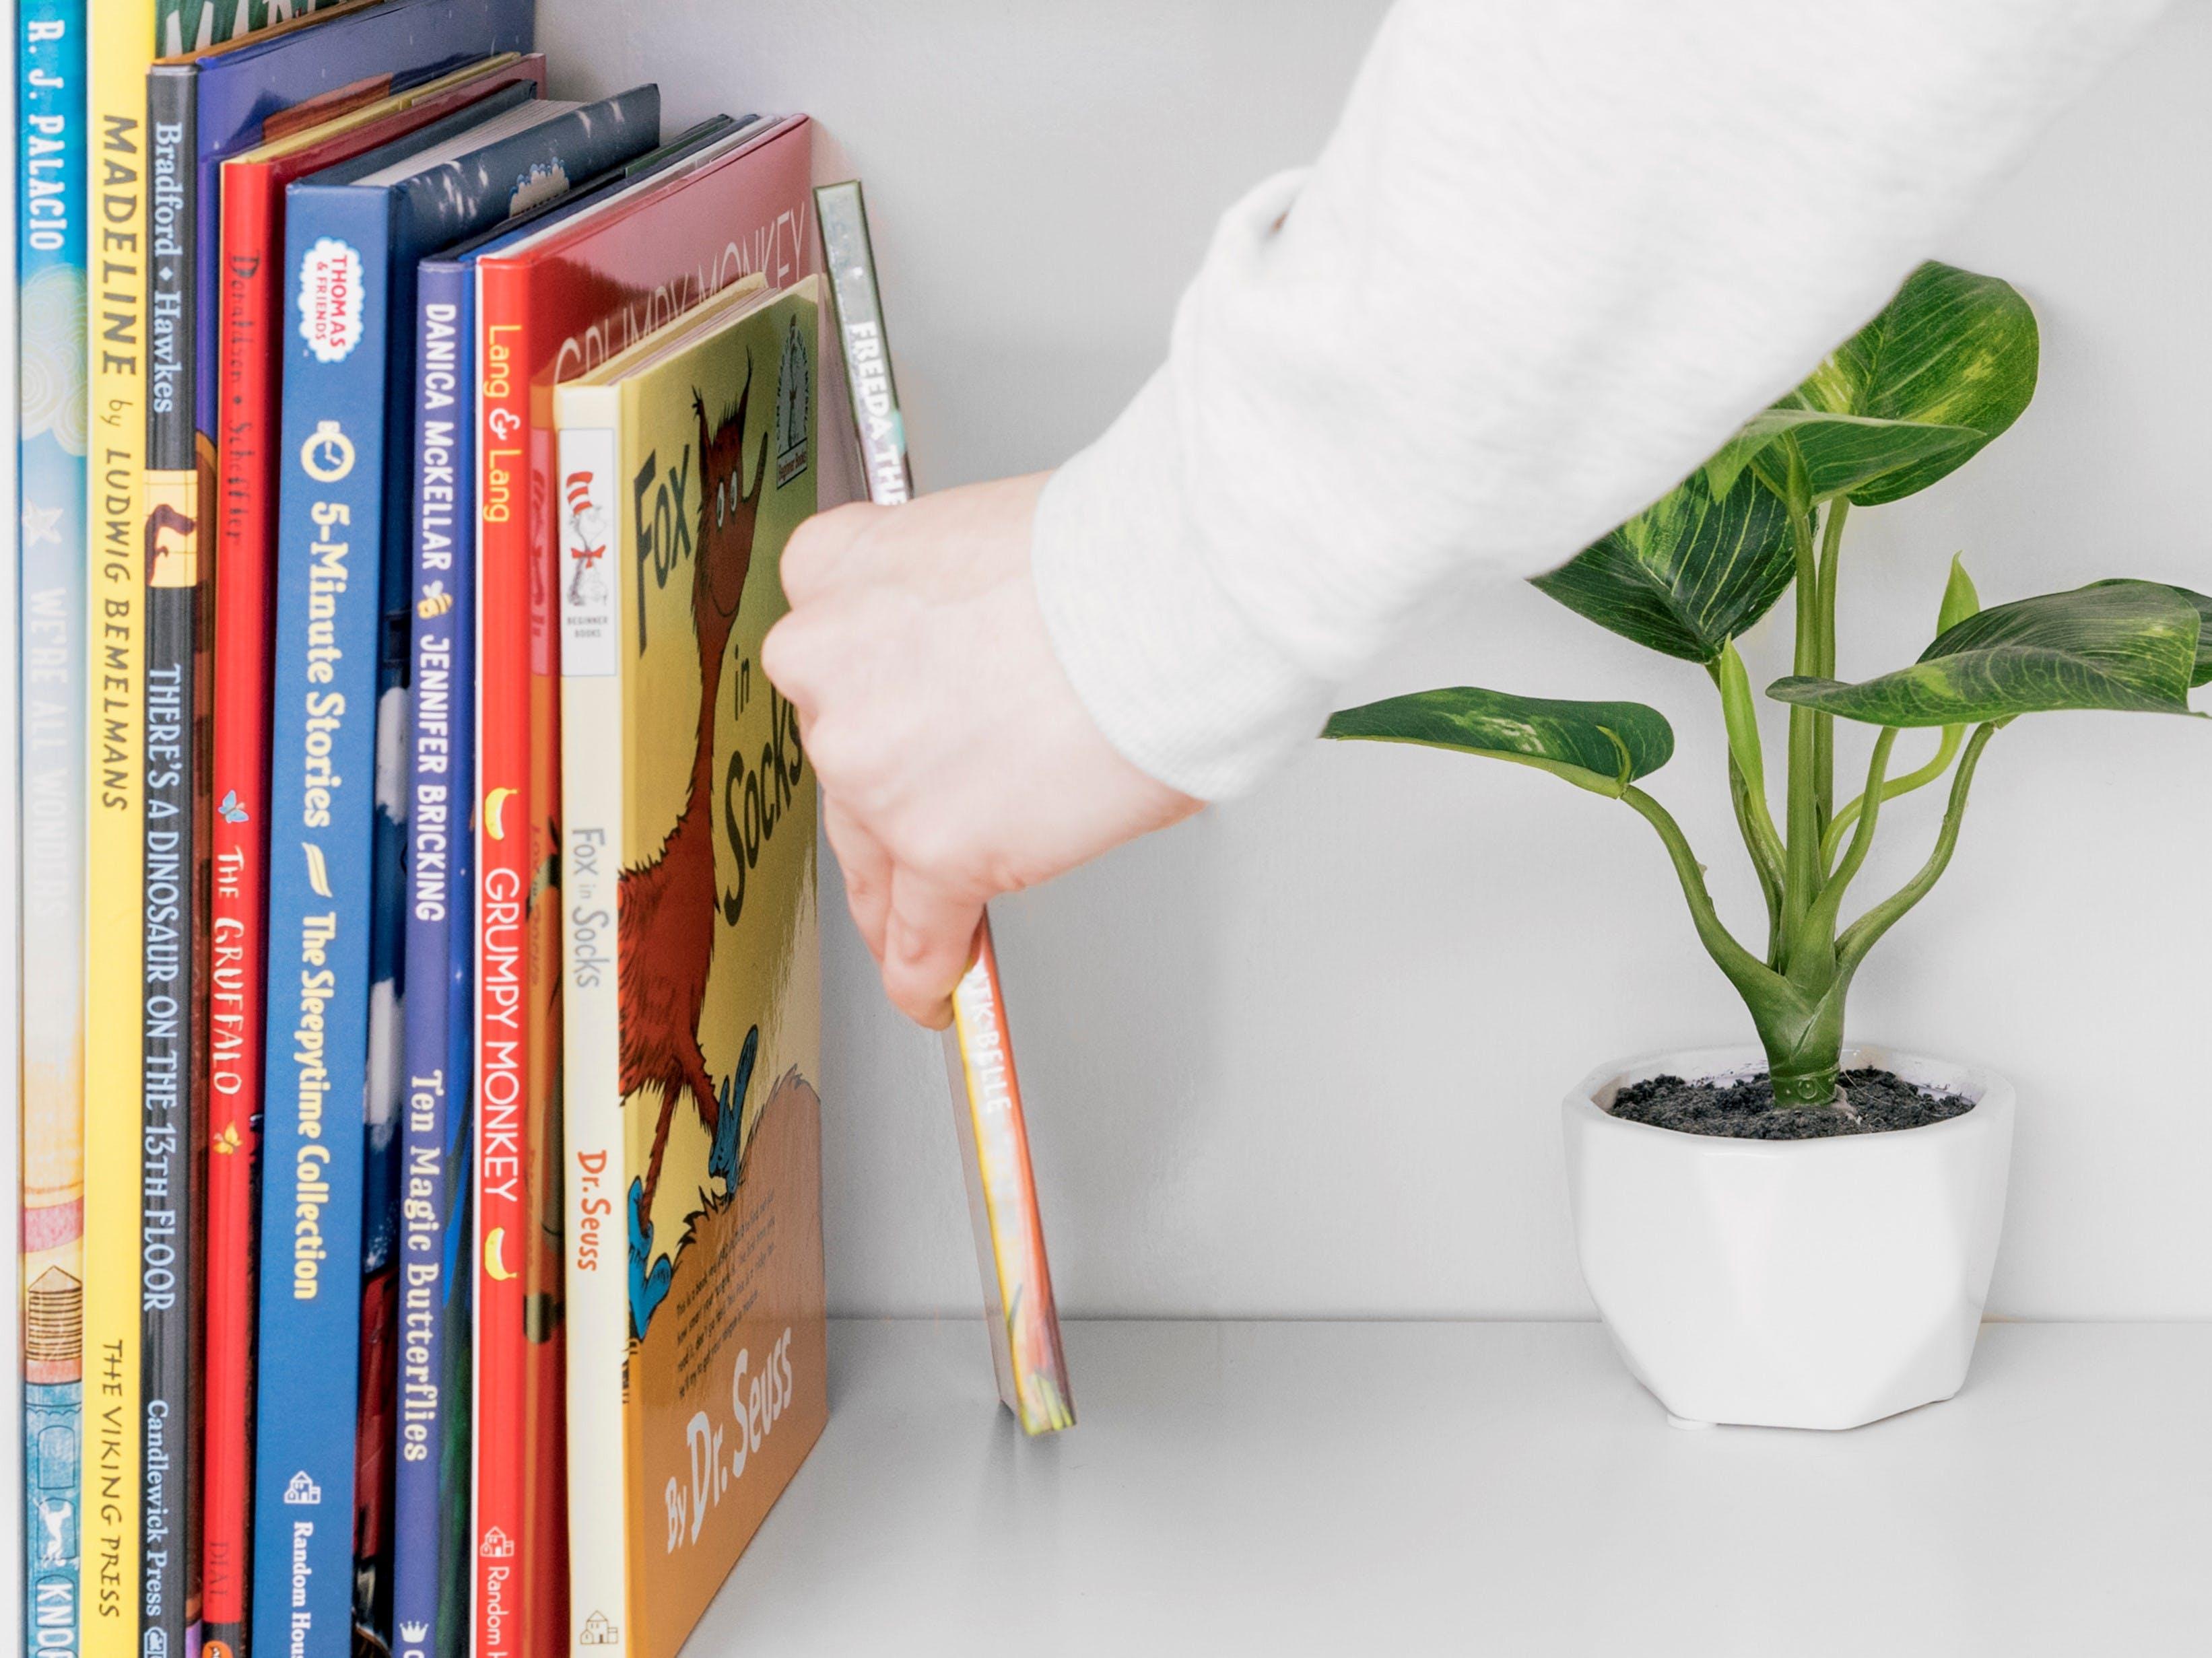 Bespoke Children's Book Club by Book Club Guru